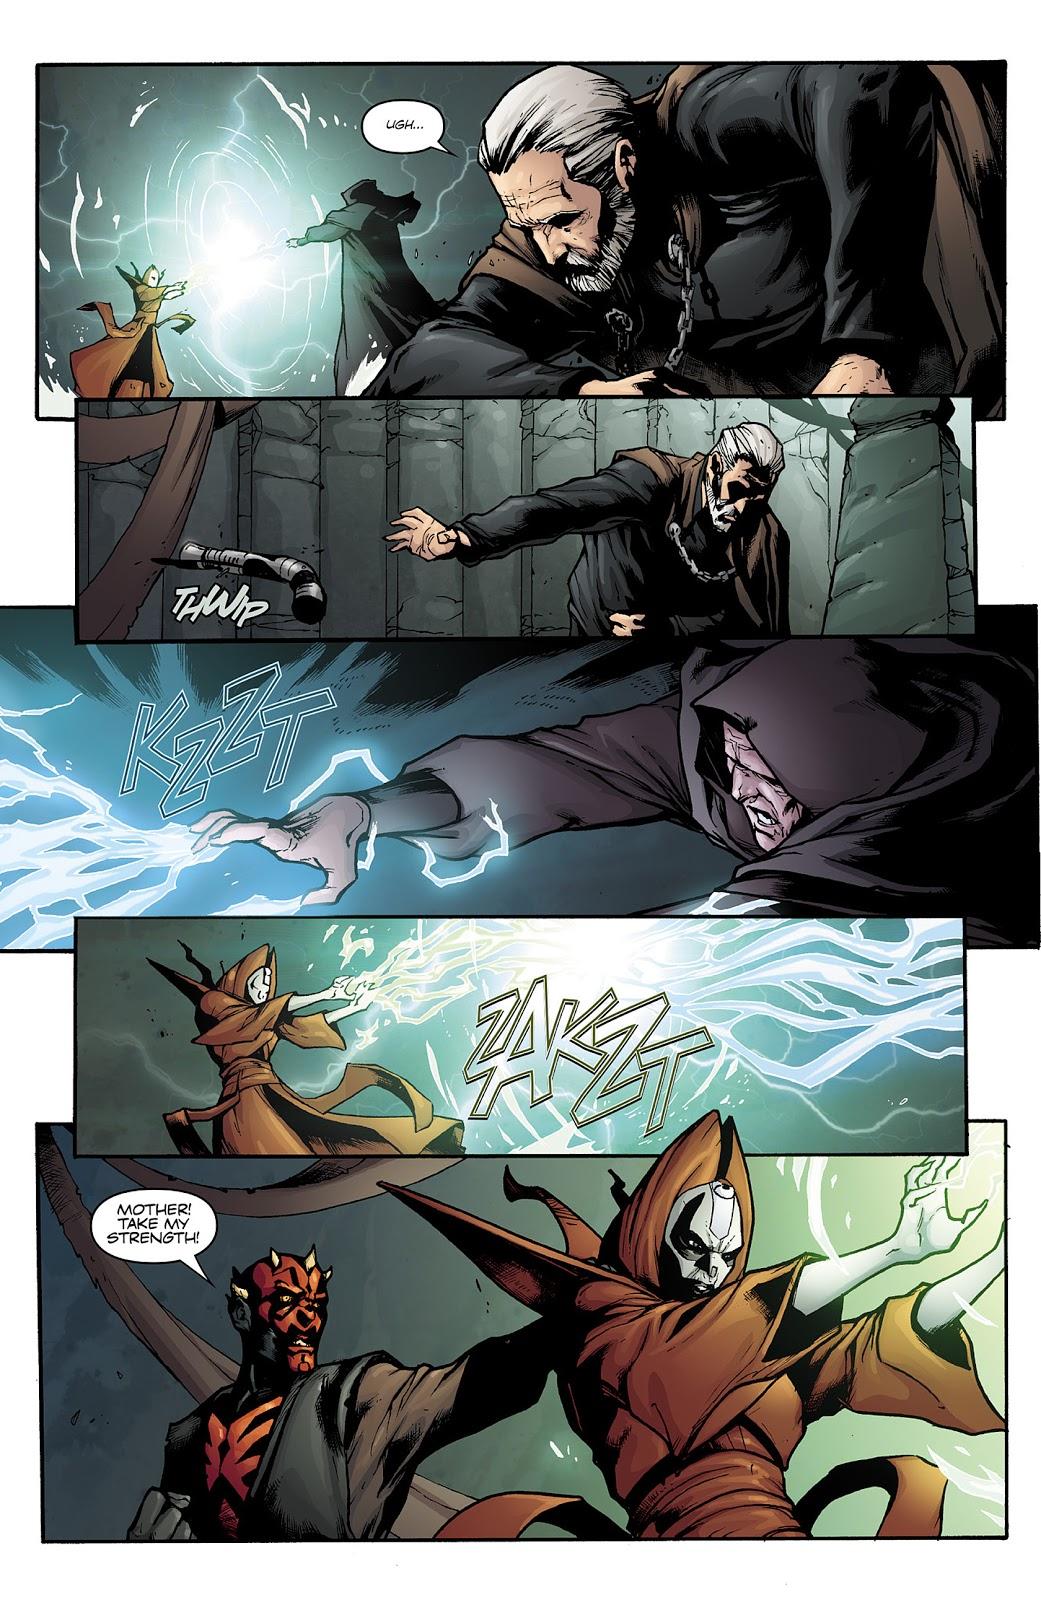 SS - Starkiller (ArkhamAsylum3) vs Qui-Gon Jinn (Meatpants) - Page 2 Sidiou20